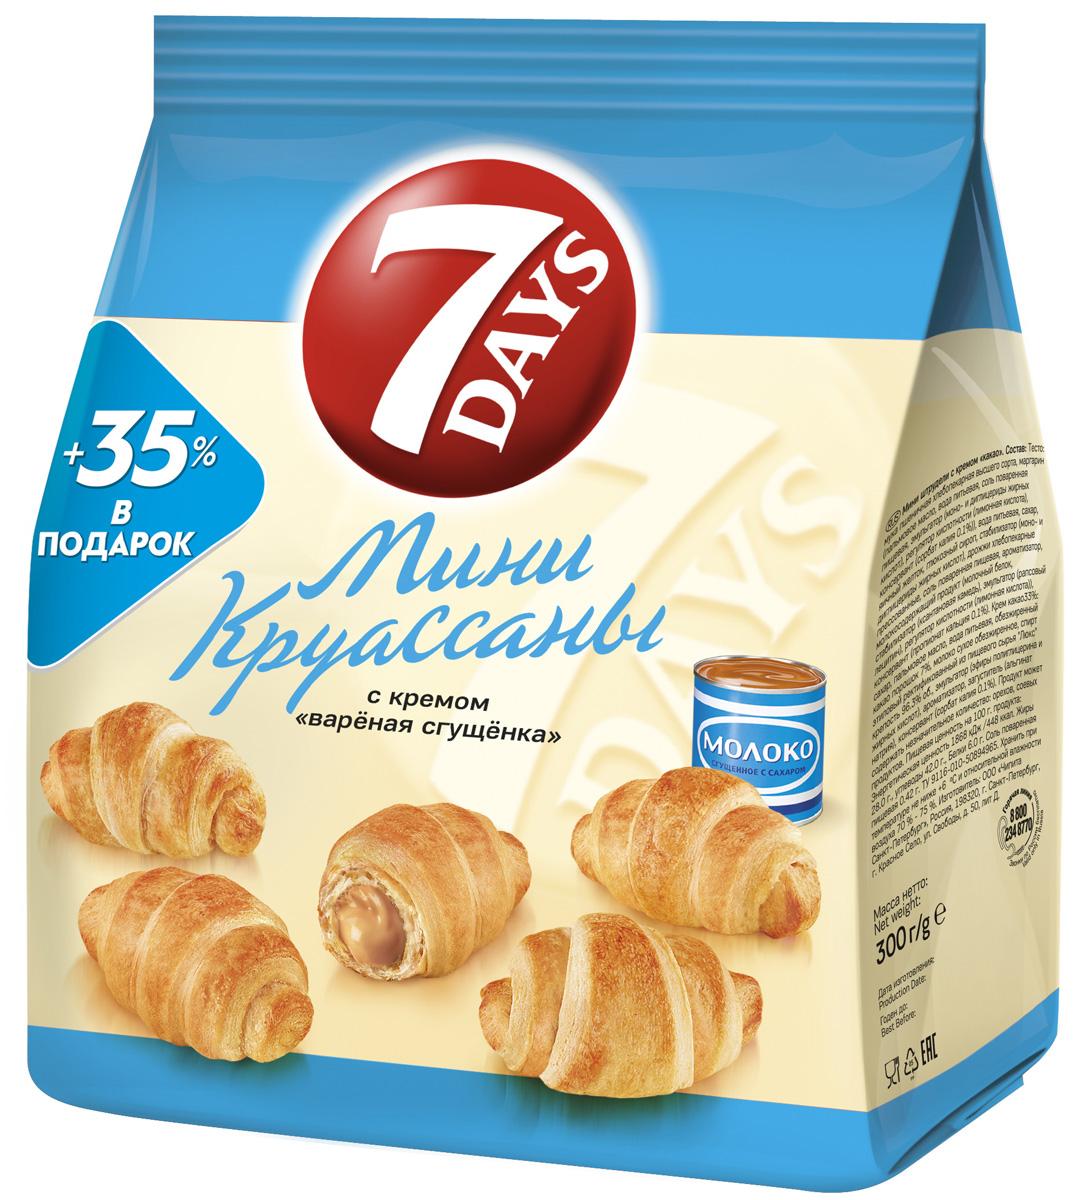 """Круассаны """"7DAYS"""" - готовая к употреблению выпечка из нежного теста с восхитительными кремовыми и джемовыми начинками.Мини-круассаны """"7DAYS"""" - это много маленьких вкусных круассанов в одной упаковке. На выбор потребителя представлен широкий ассортимент кремовых и джемовых начинок. Прекрасно сочетаются с чаем и кофе, идеально подходят для того, чтобы разделить их с близкими. Превосходный выбор снэка для потребления дома и на ходу."""